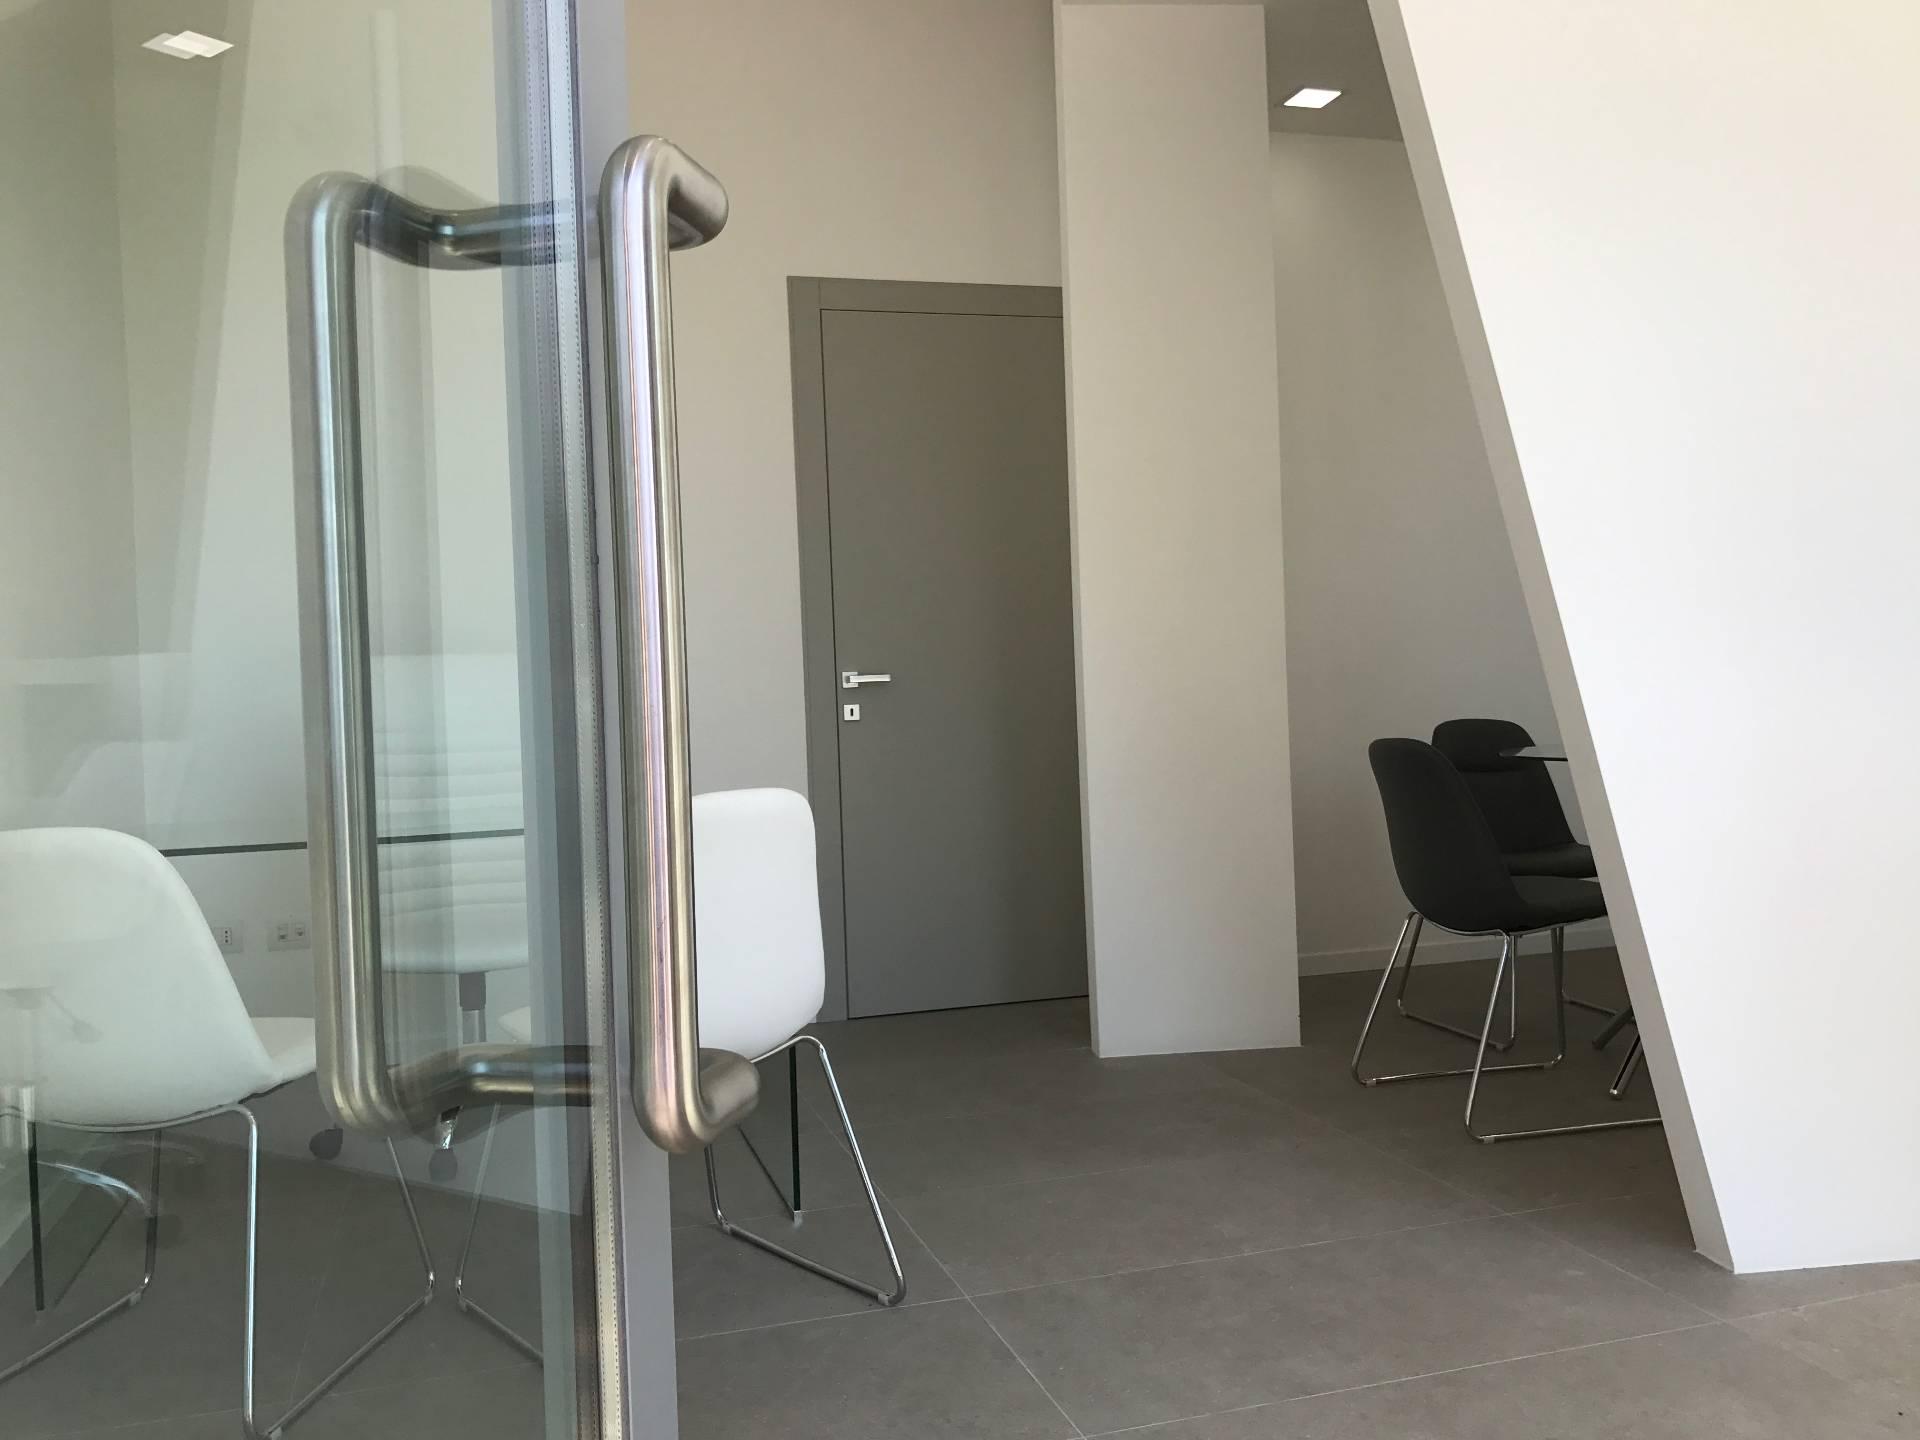 affitto locale commerciale treviso fuori mura  600 euro  35 mq